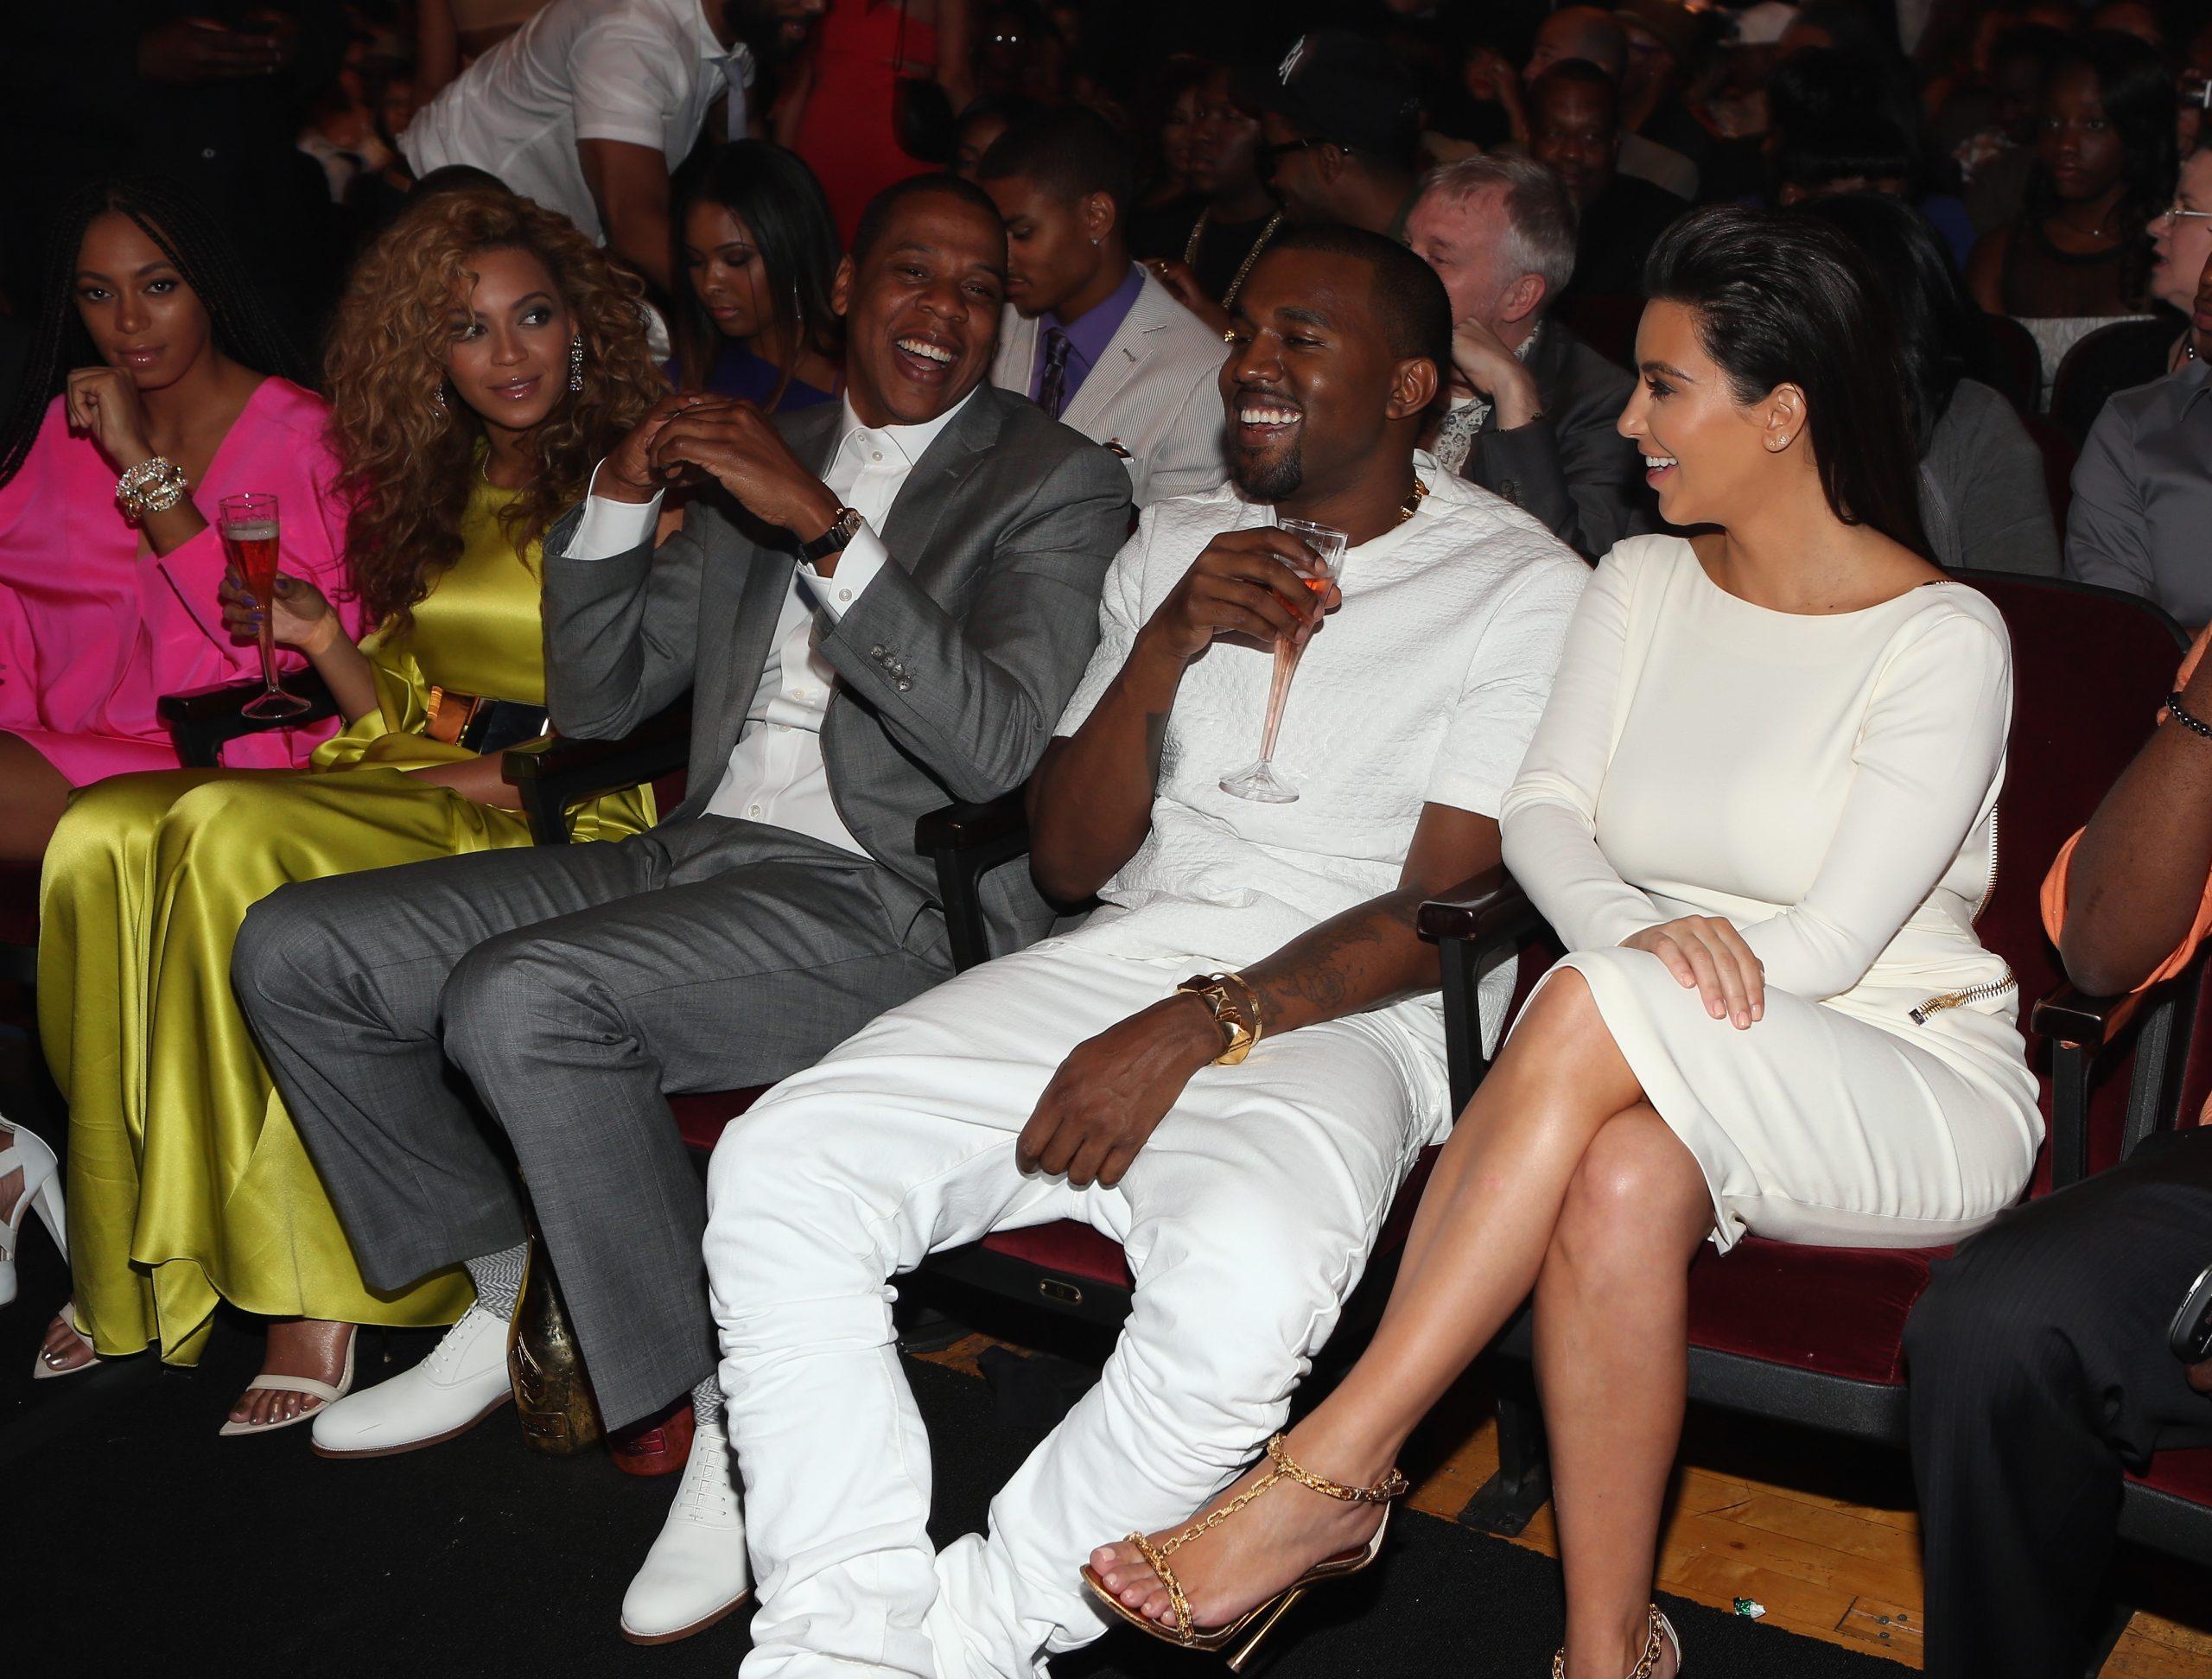 Beyoncé, Jay-Z, Kanye West, and Kim Kardashian West